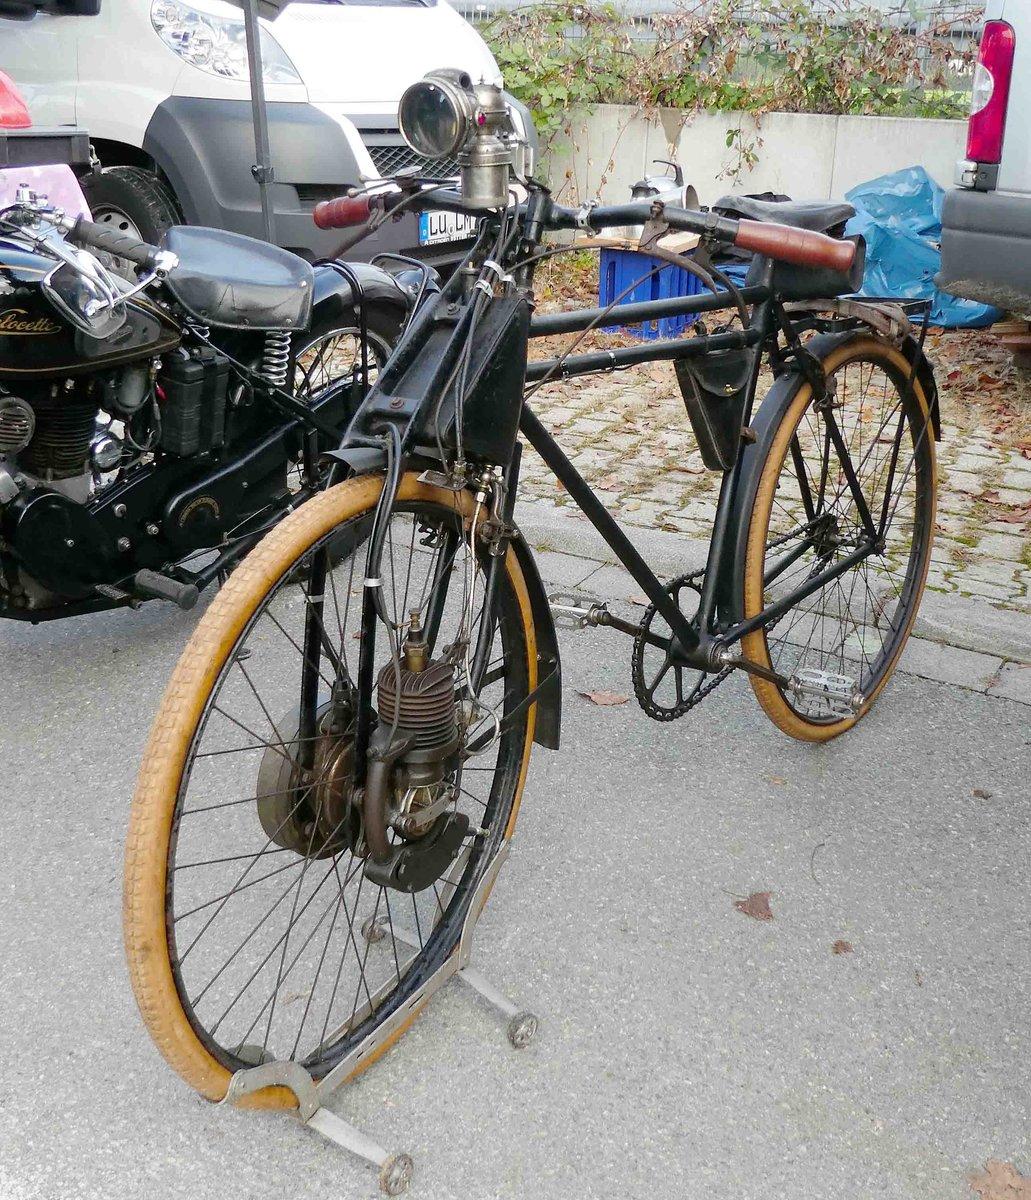 fahrrad mit hilfsmotor der rahmen ist von nsu der motor. Black Bedroom Furniture Sets. Home Design Ideas